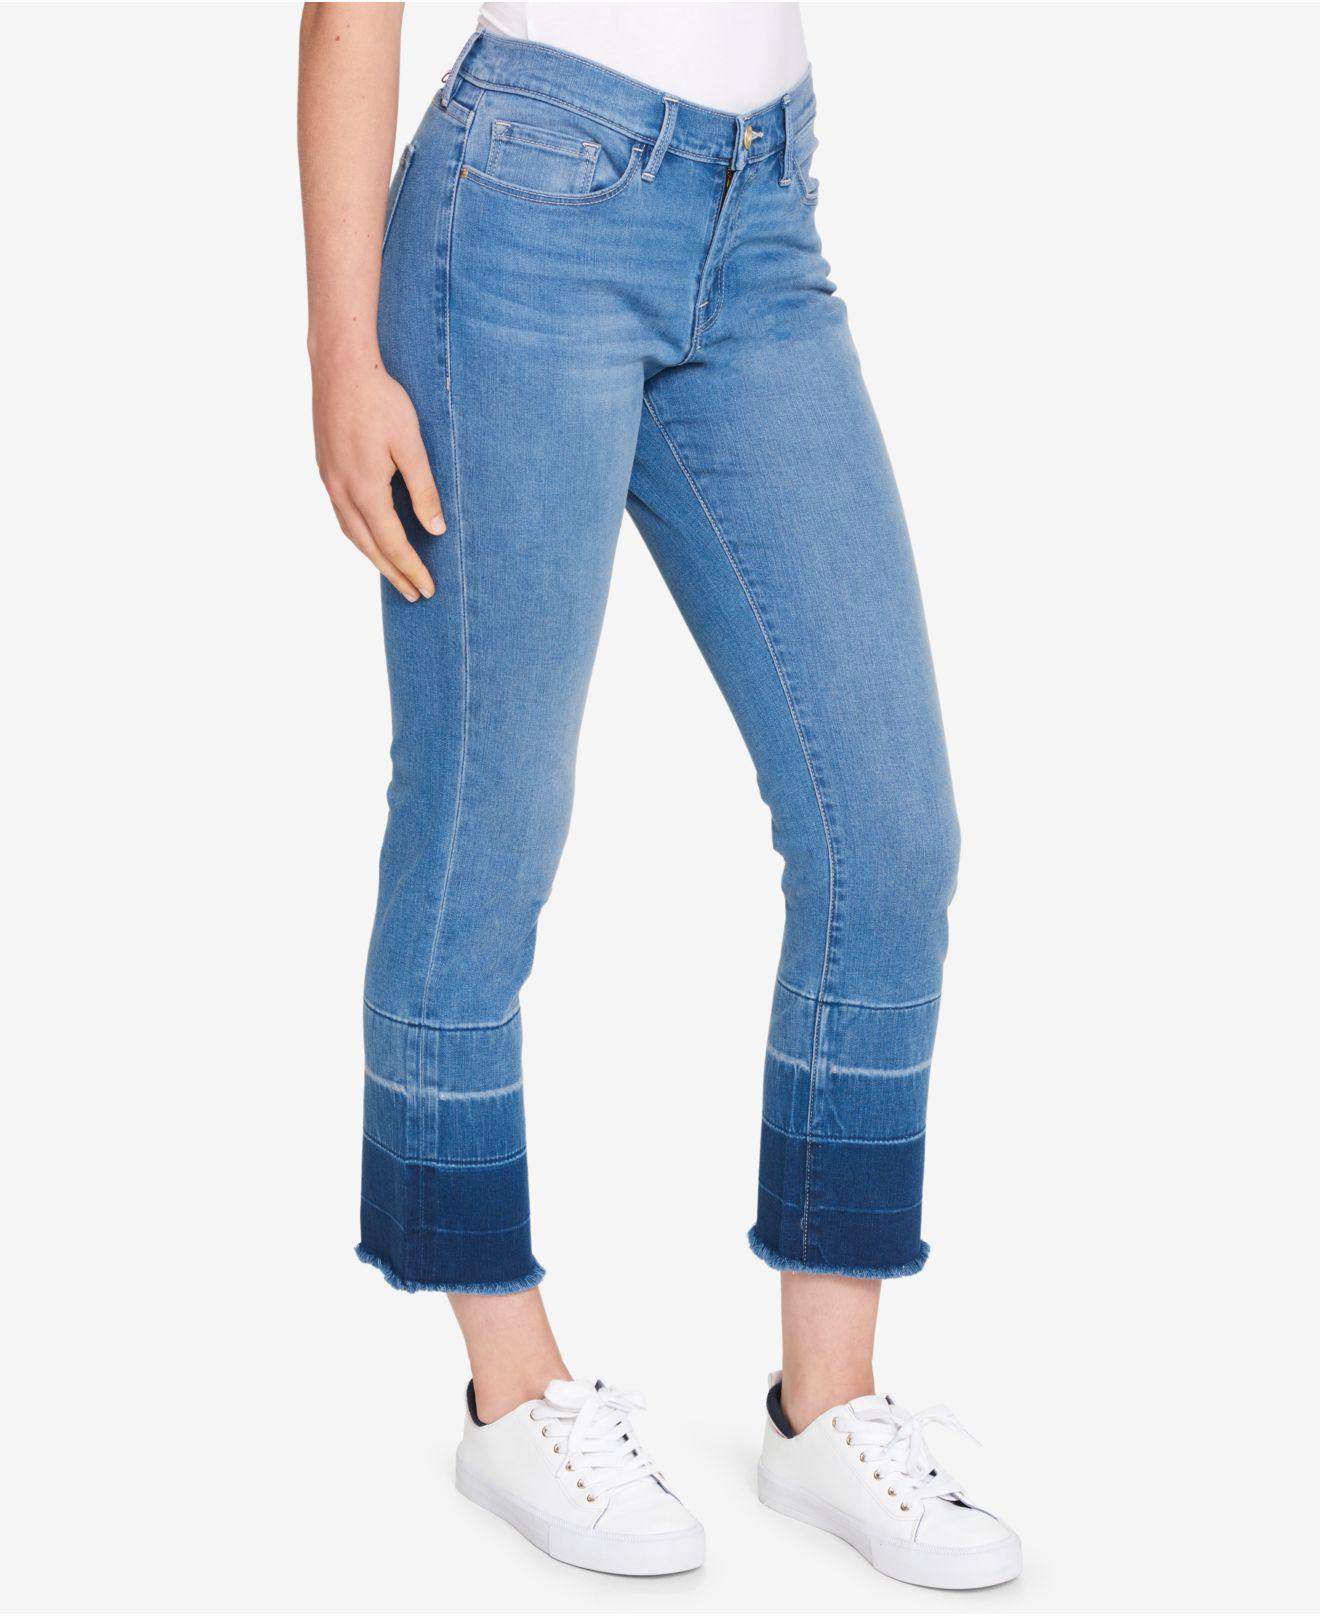 7da95b5f0475b Lyst - Tommy Hilfiger Frayed Dip-dye Jeans in Blue